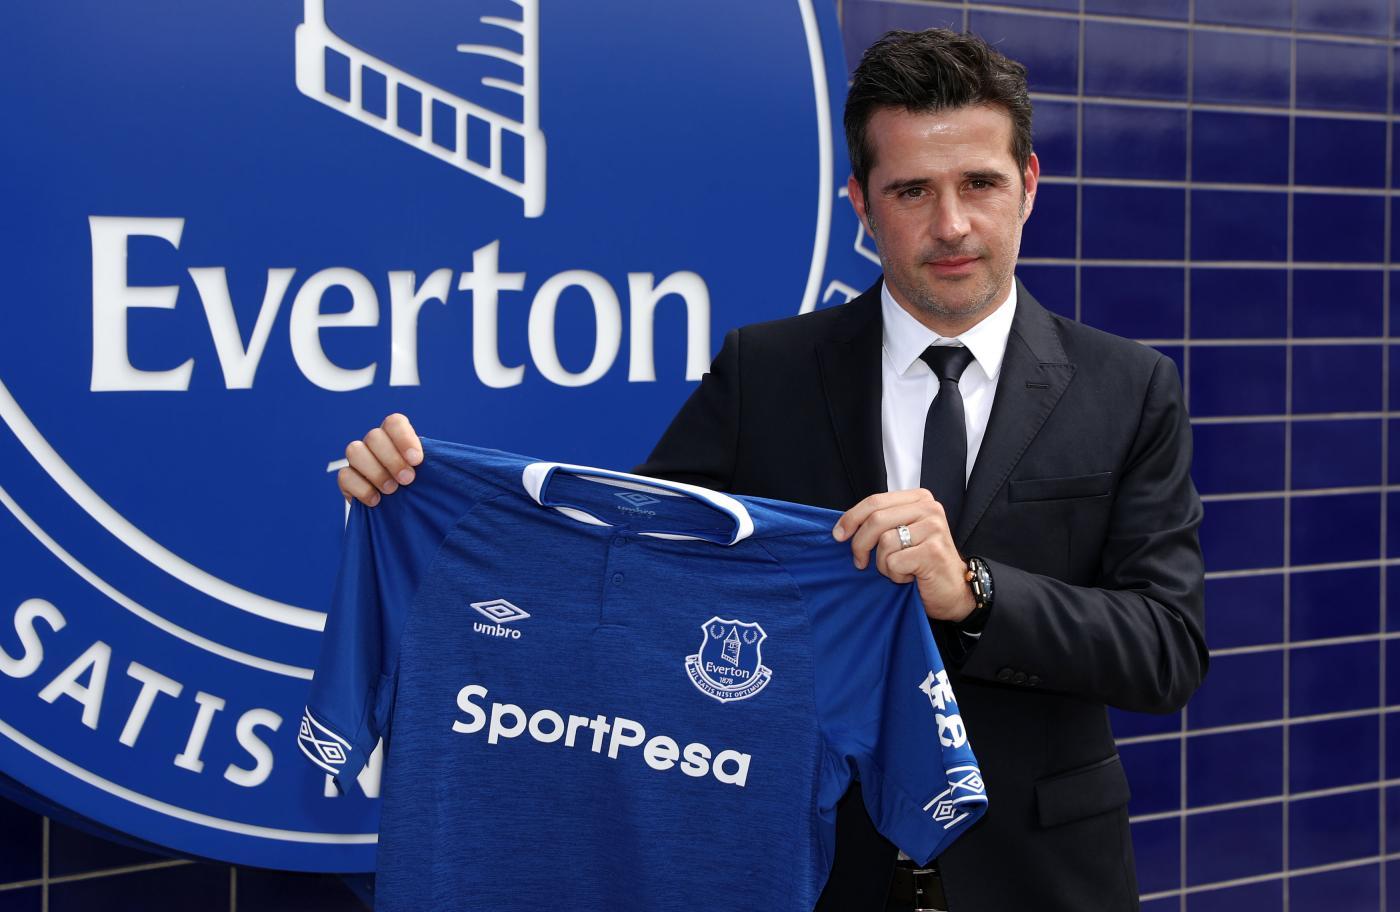 Premier League, Everton-Manchester United 21 aprile: analisi e pronostico della giornata della massima divisione calcistica inglese